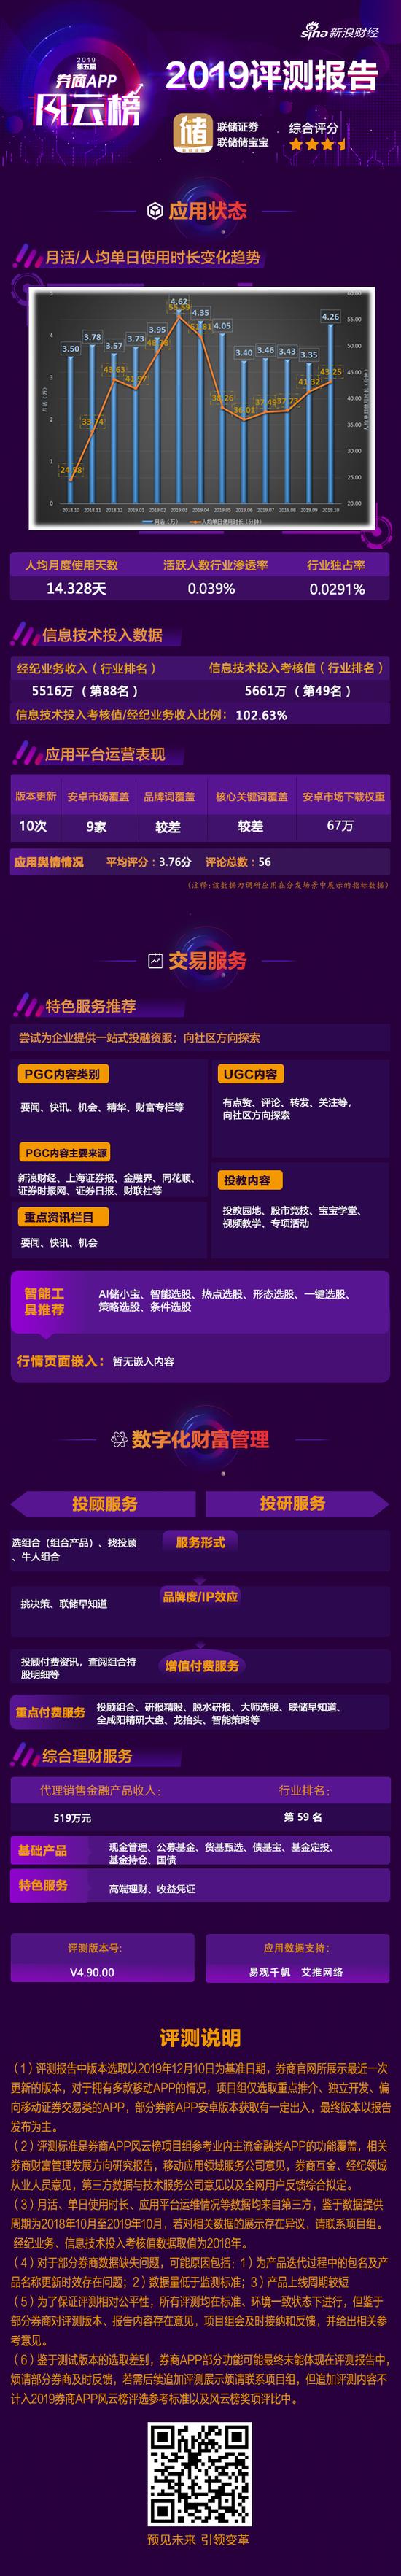 微众银行向武汉捐赠1000万元抗击肺炎疫情